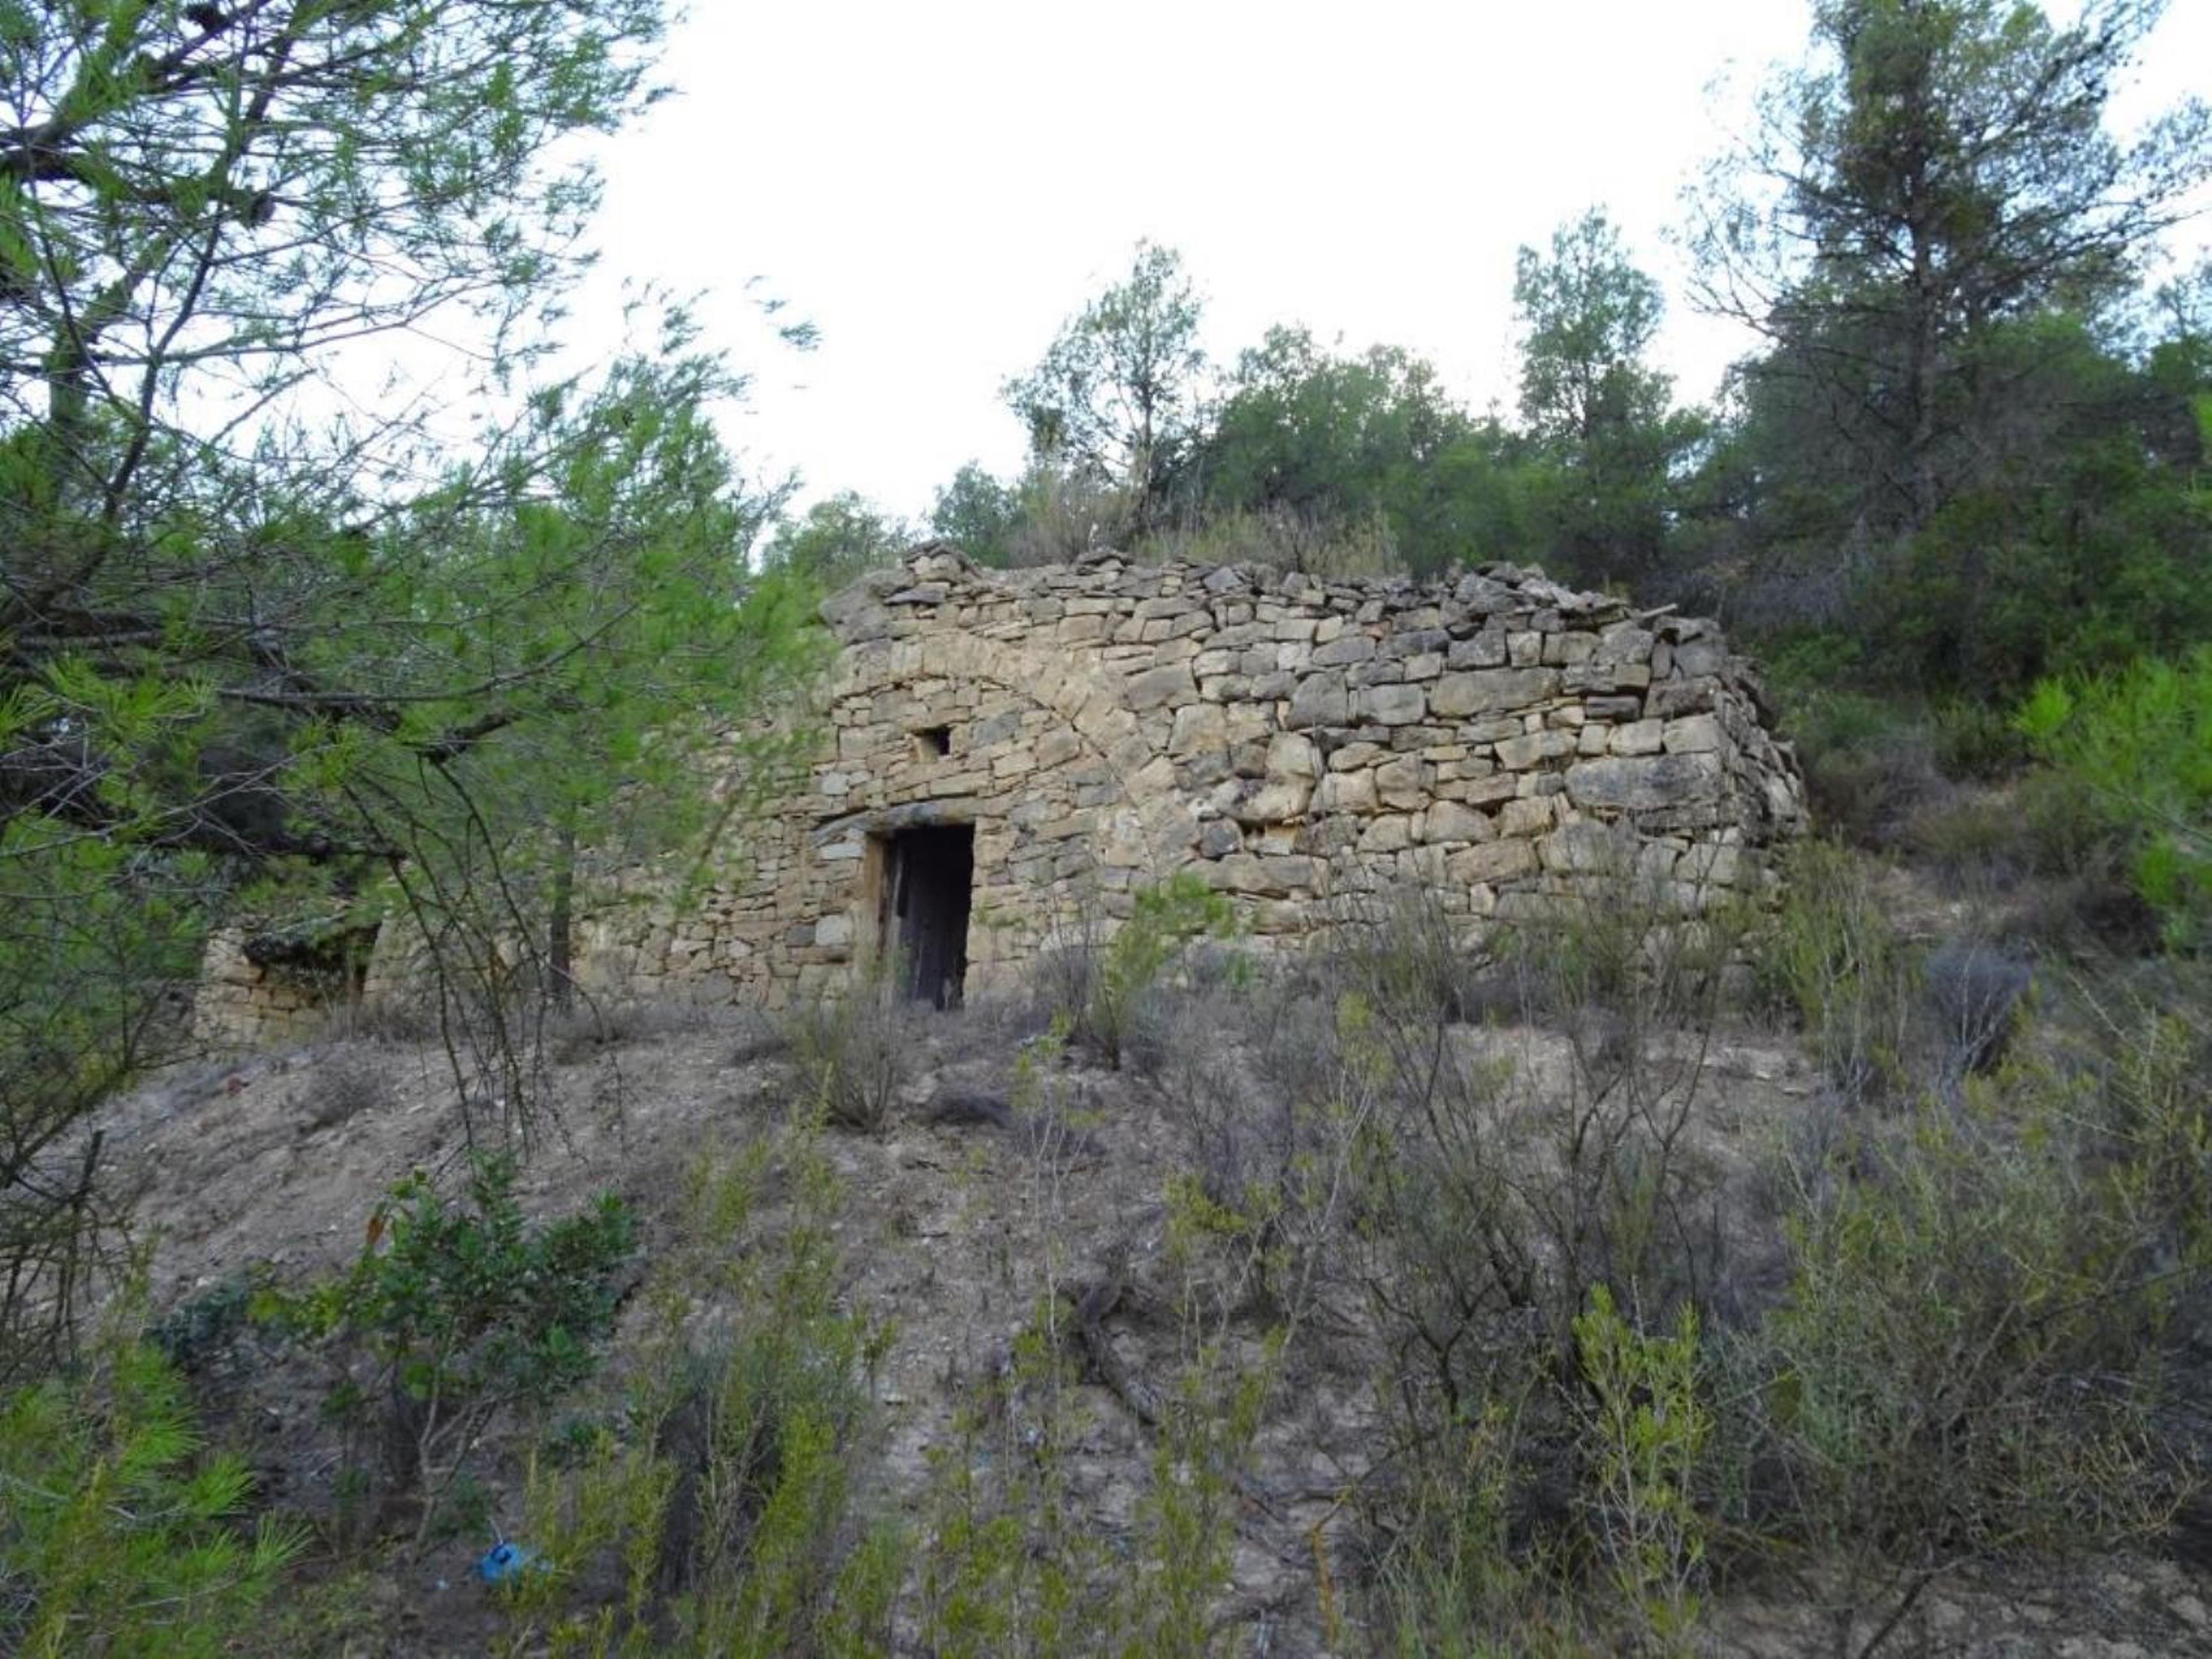 LA FATARELLA, ,Caseta soterrada,Rústica,LA FATARELLA,1126